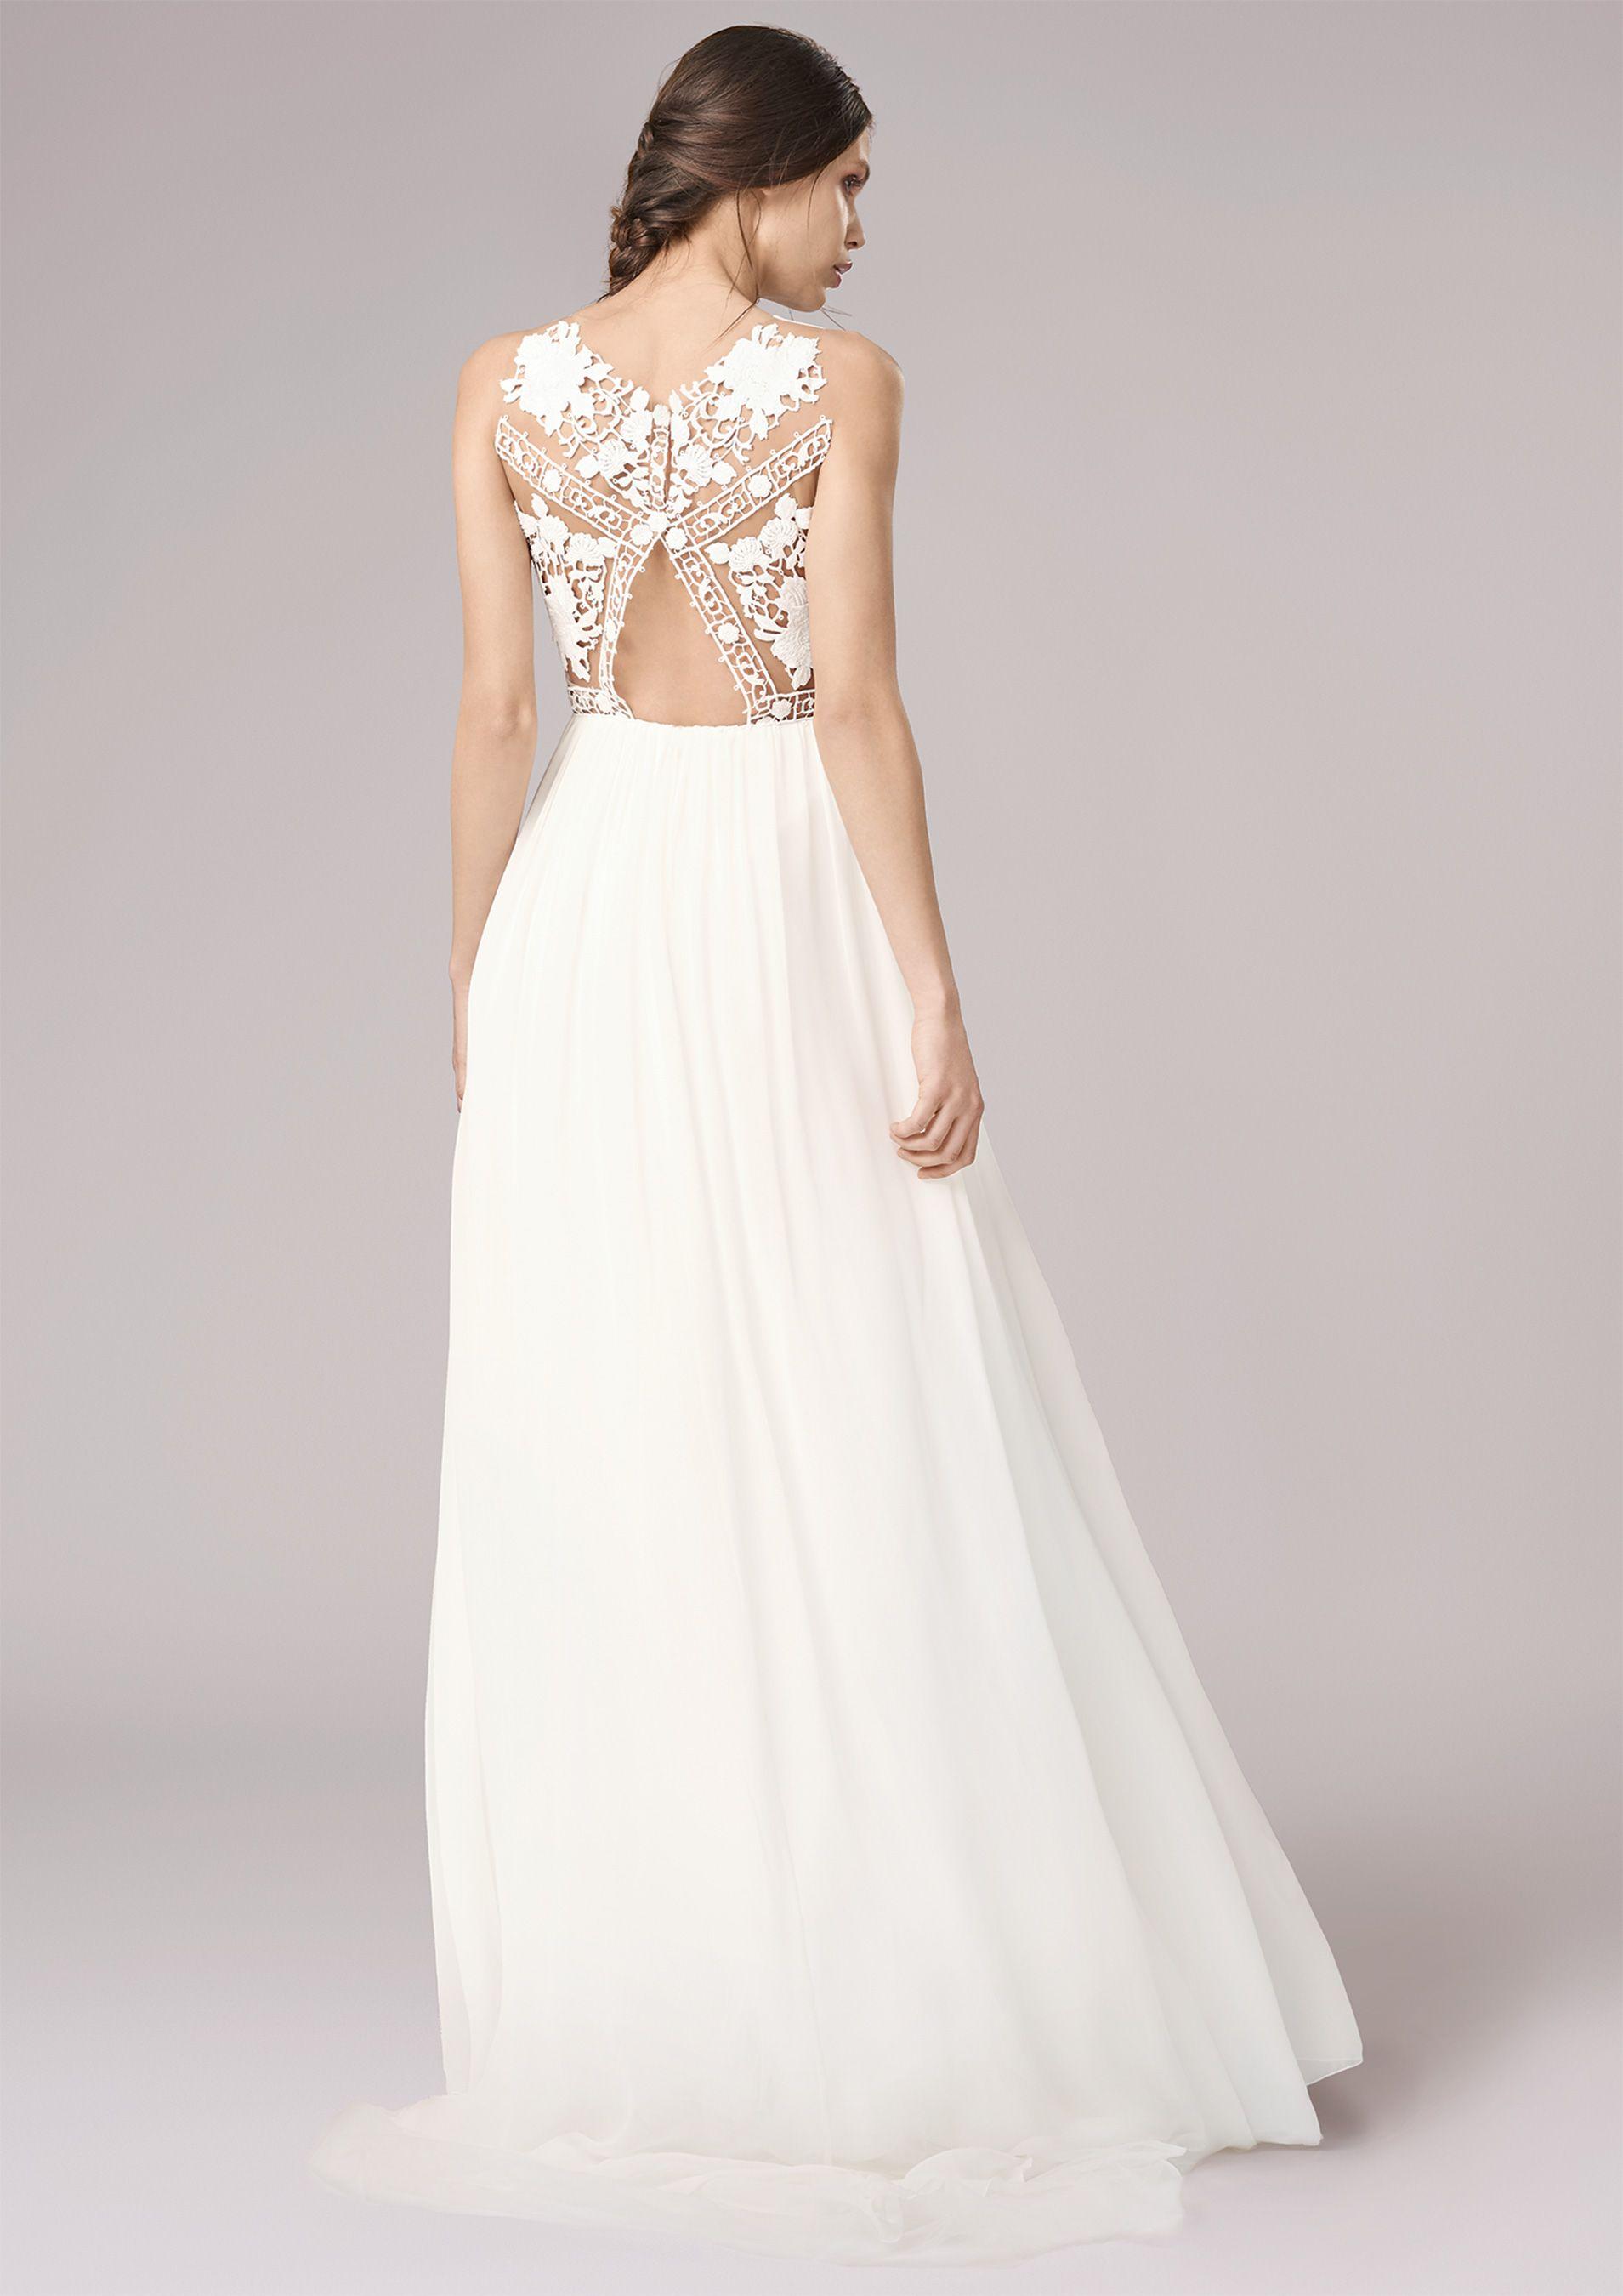 Du möchtest ein Brautkleid, das klassisch ist, aber nicht langweilig ...